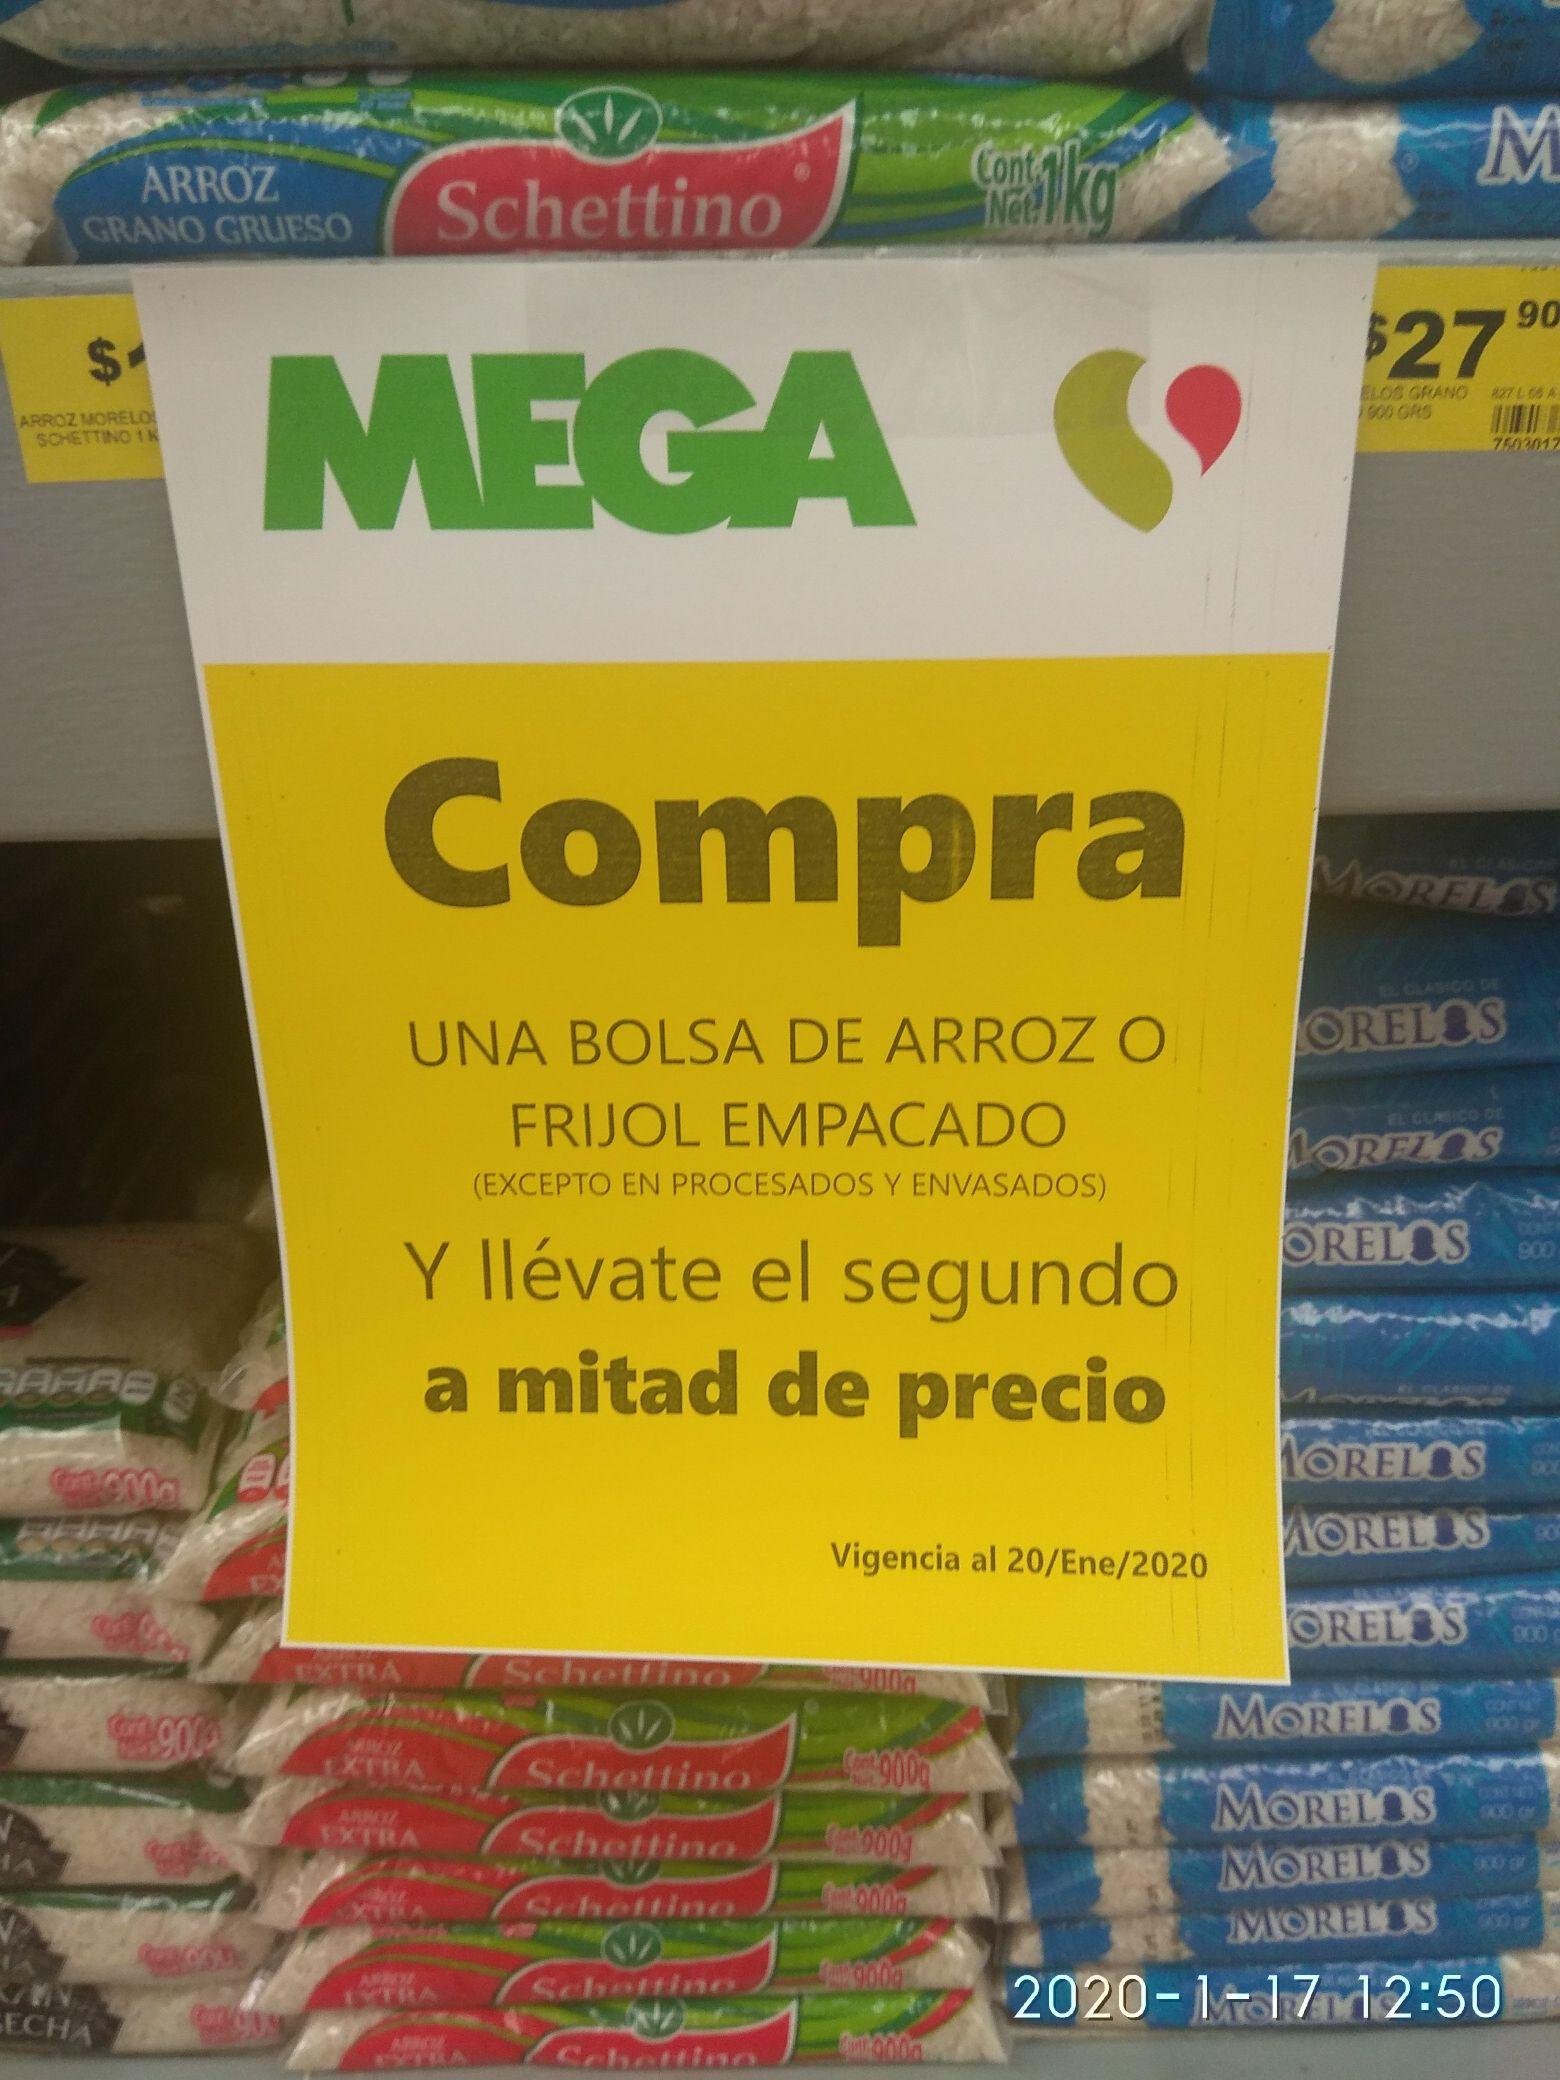 Soriana bolsa arroz o frijol empacado Segundo a mitad de precio